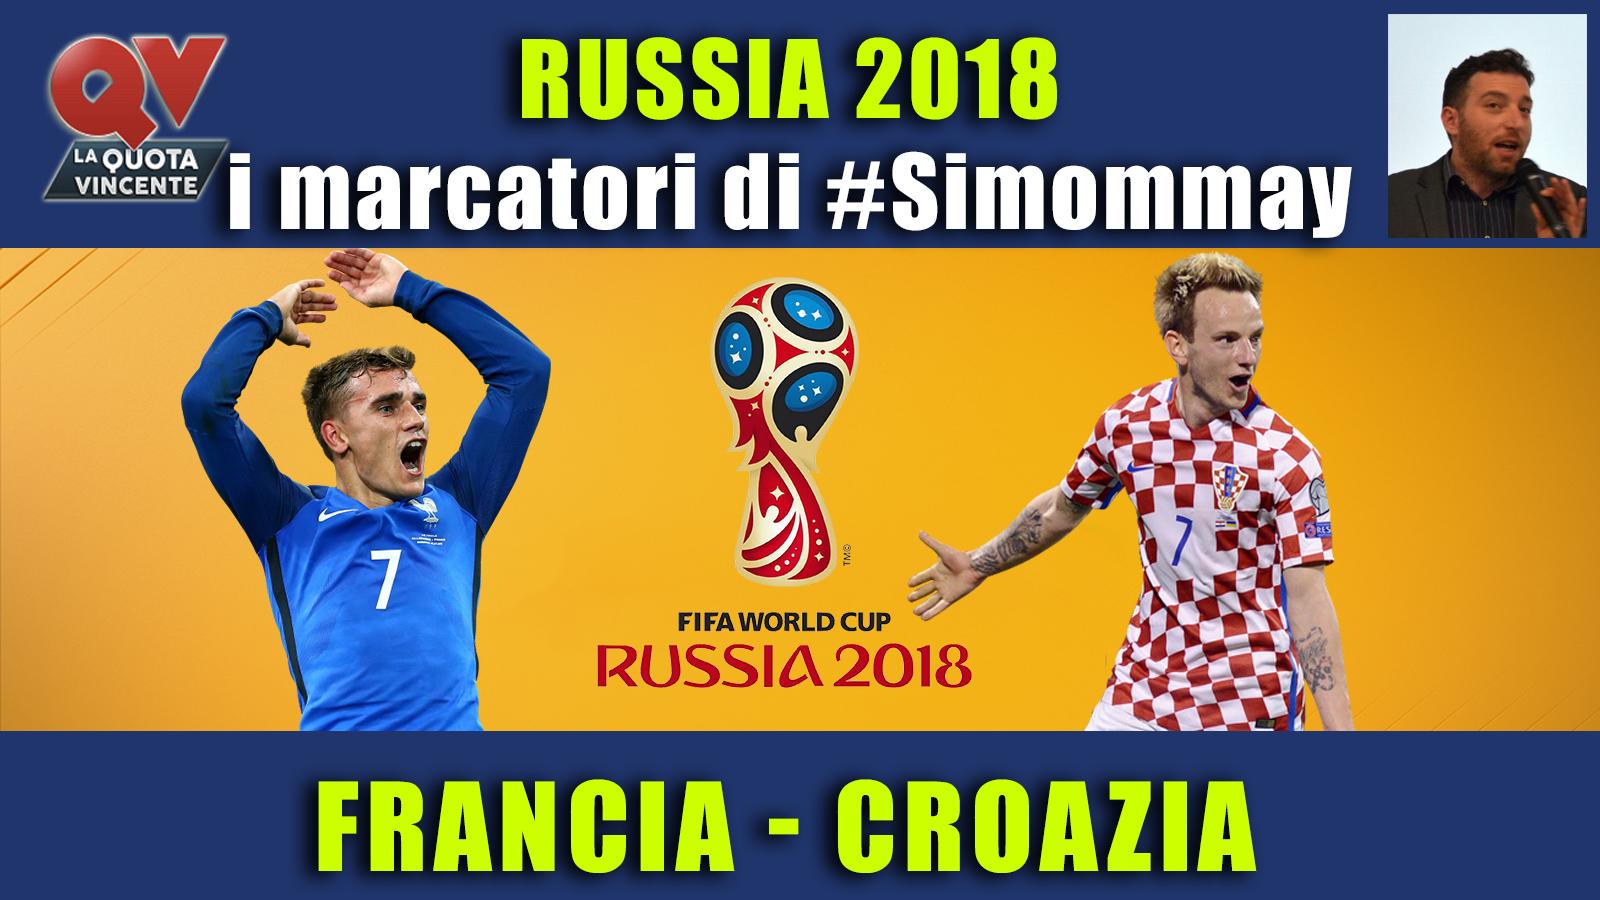 Pronostici marcatori Mondiali 15 luglio: i marcatori di #simommay